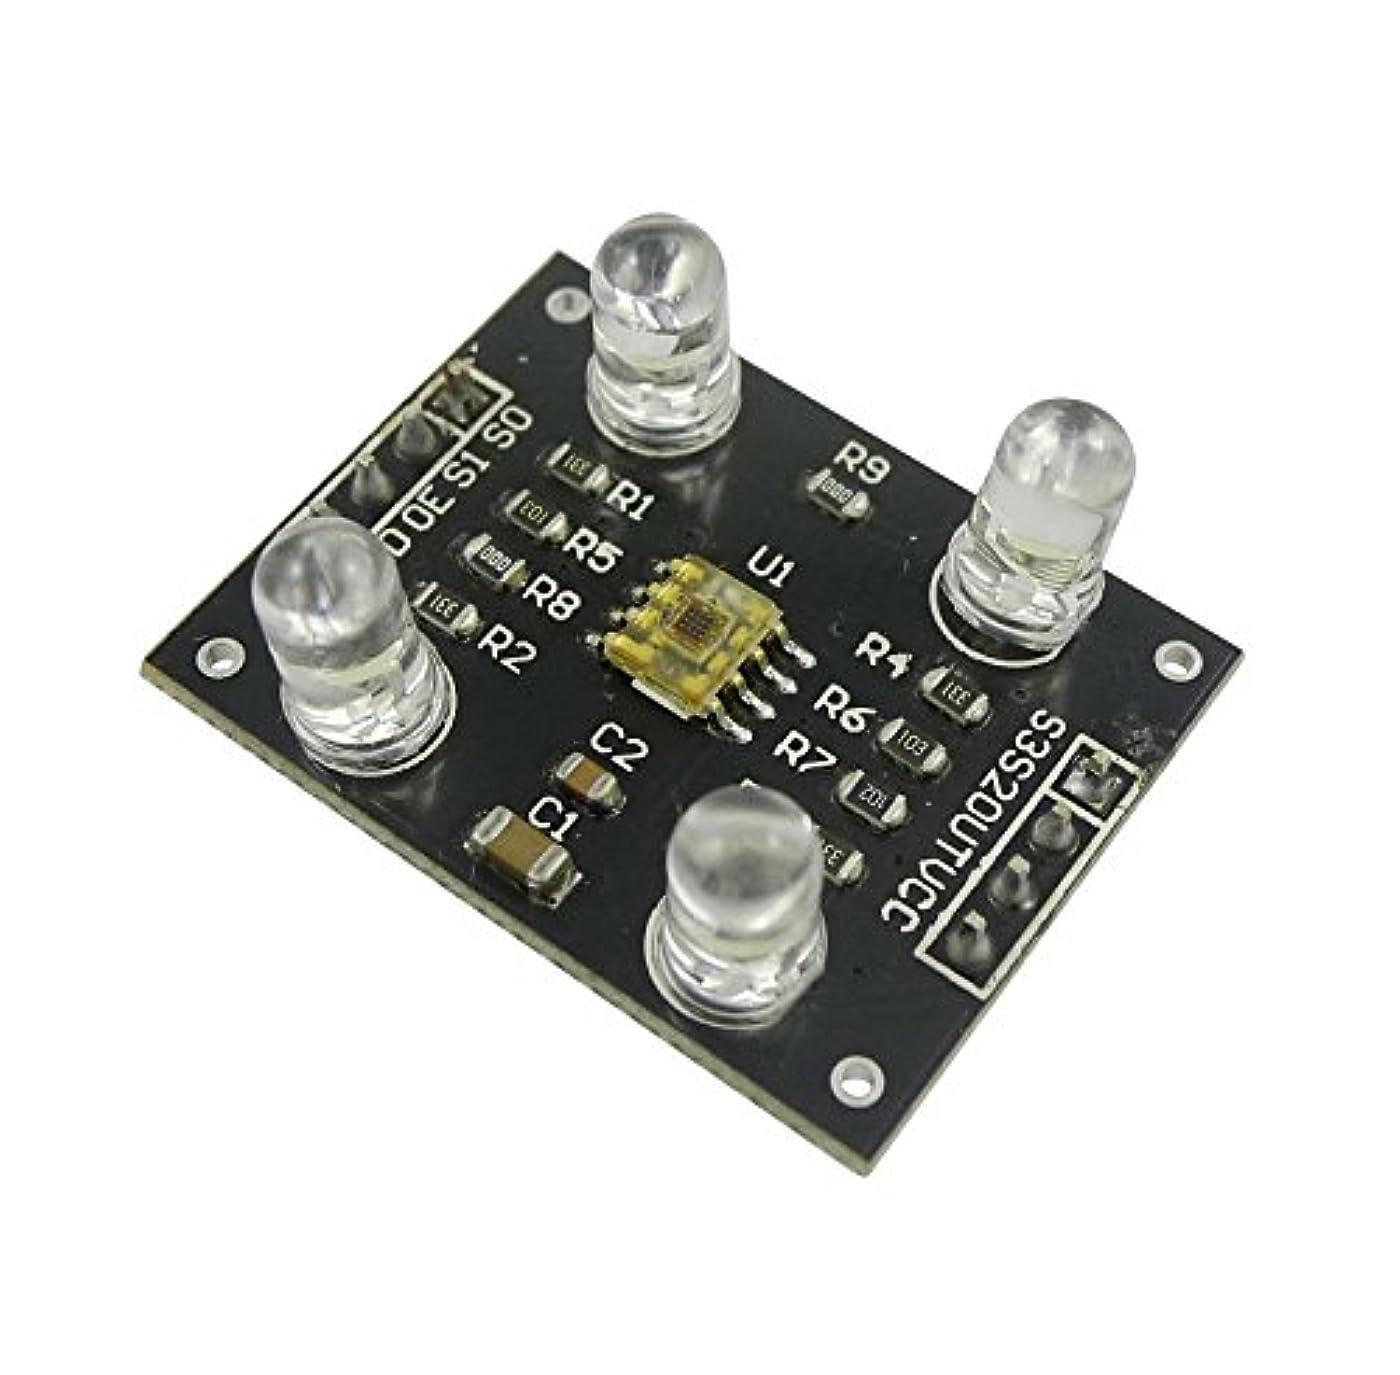 裁量ストローエーカーKKHMF TCS230 色の識別センサー モジュール カラーセンサー 検出器 Arduino用